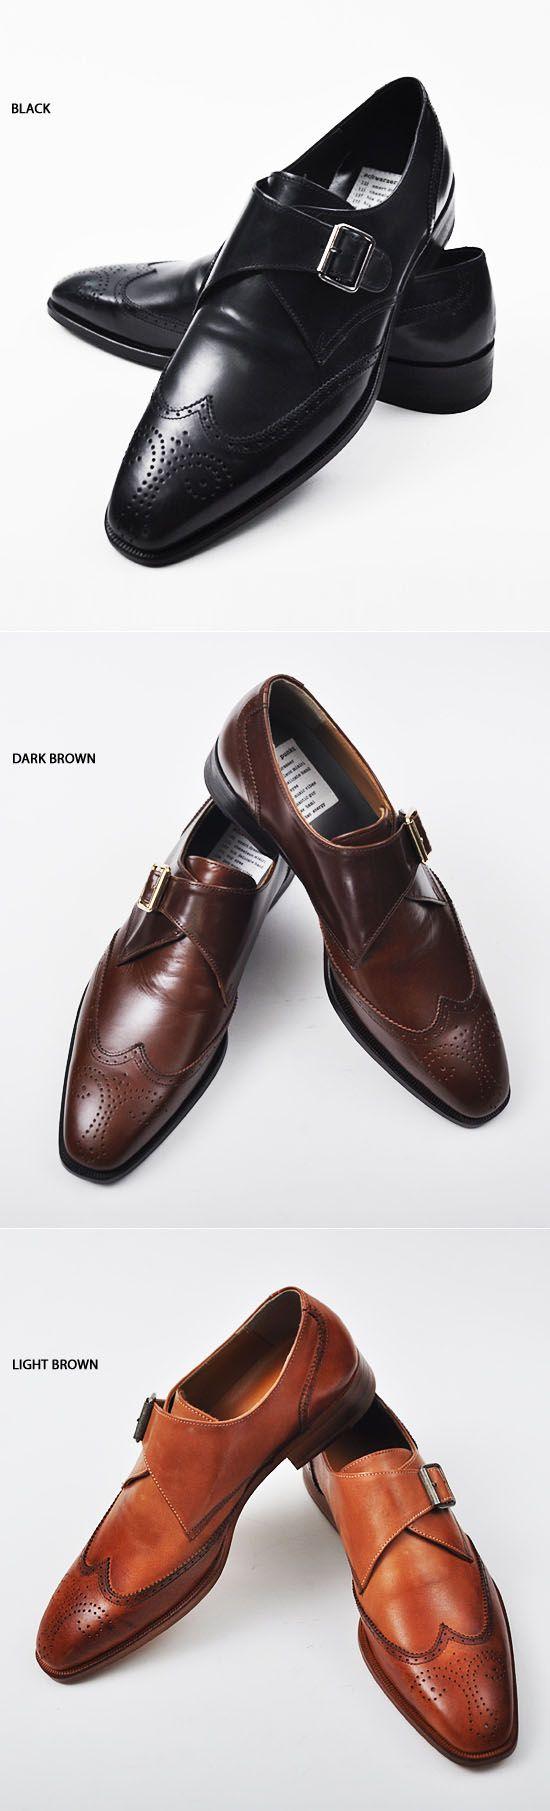 fde06d20a O fato bege é versátil, pode usar com sapatos castanhos e meias da mesma  cor, sapatos pretos com meia preta ou ainda sapatos castanho claro com meia  bege.